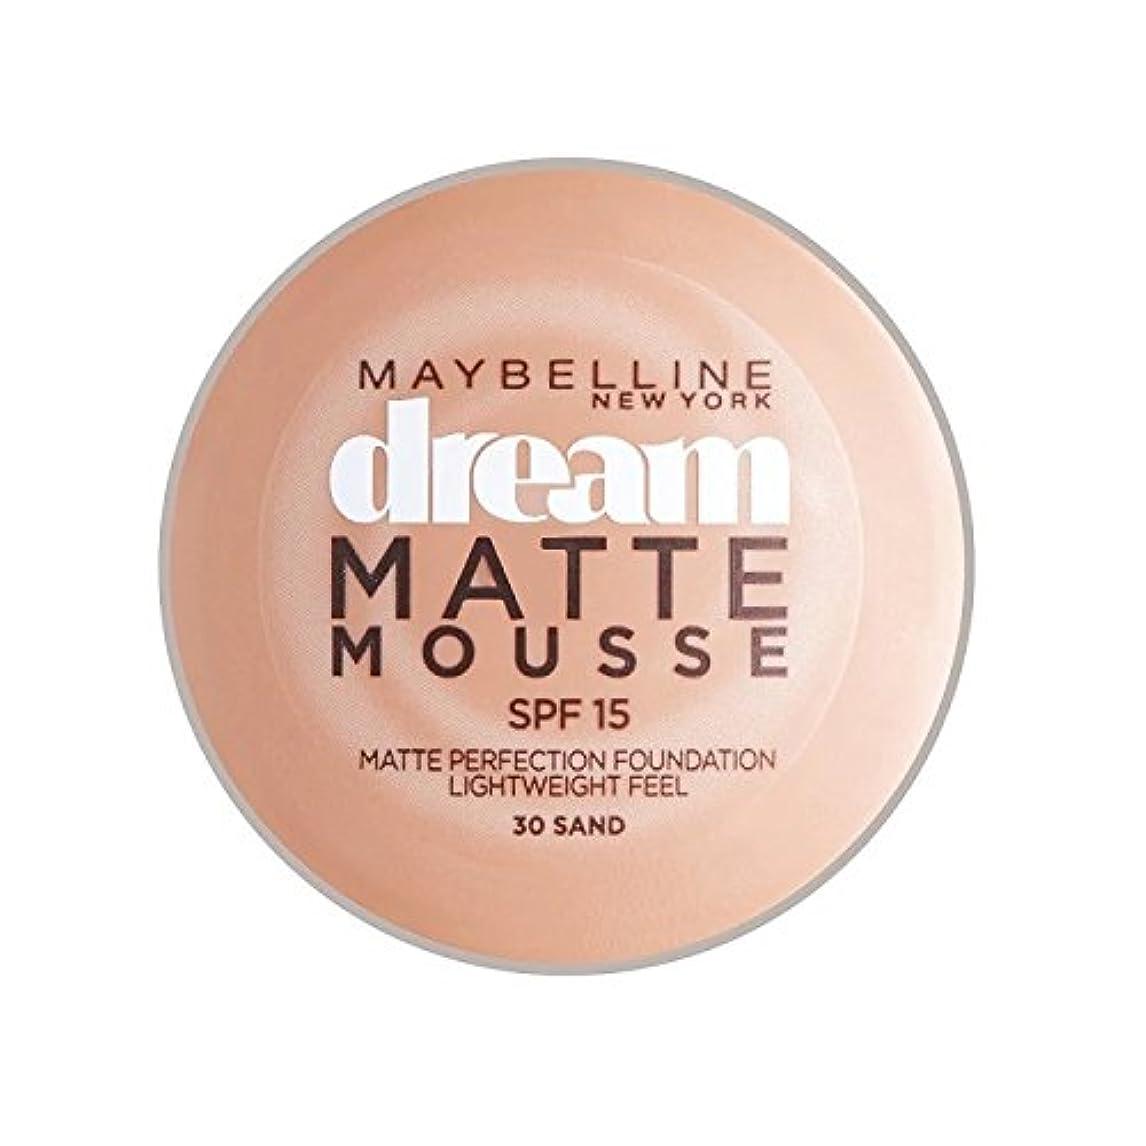 倍増半ばブランデーMaybelline Dream Matte Mousse Foundation 30 Sand 10ml - メイベリン夢のマットムース土台30砂の10ミリリットル [並行輸入品]